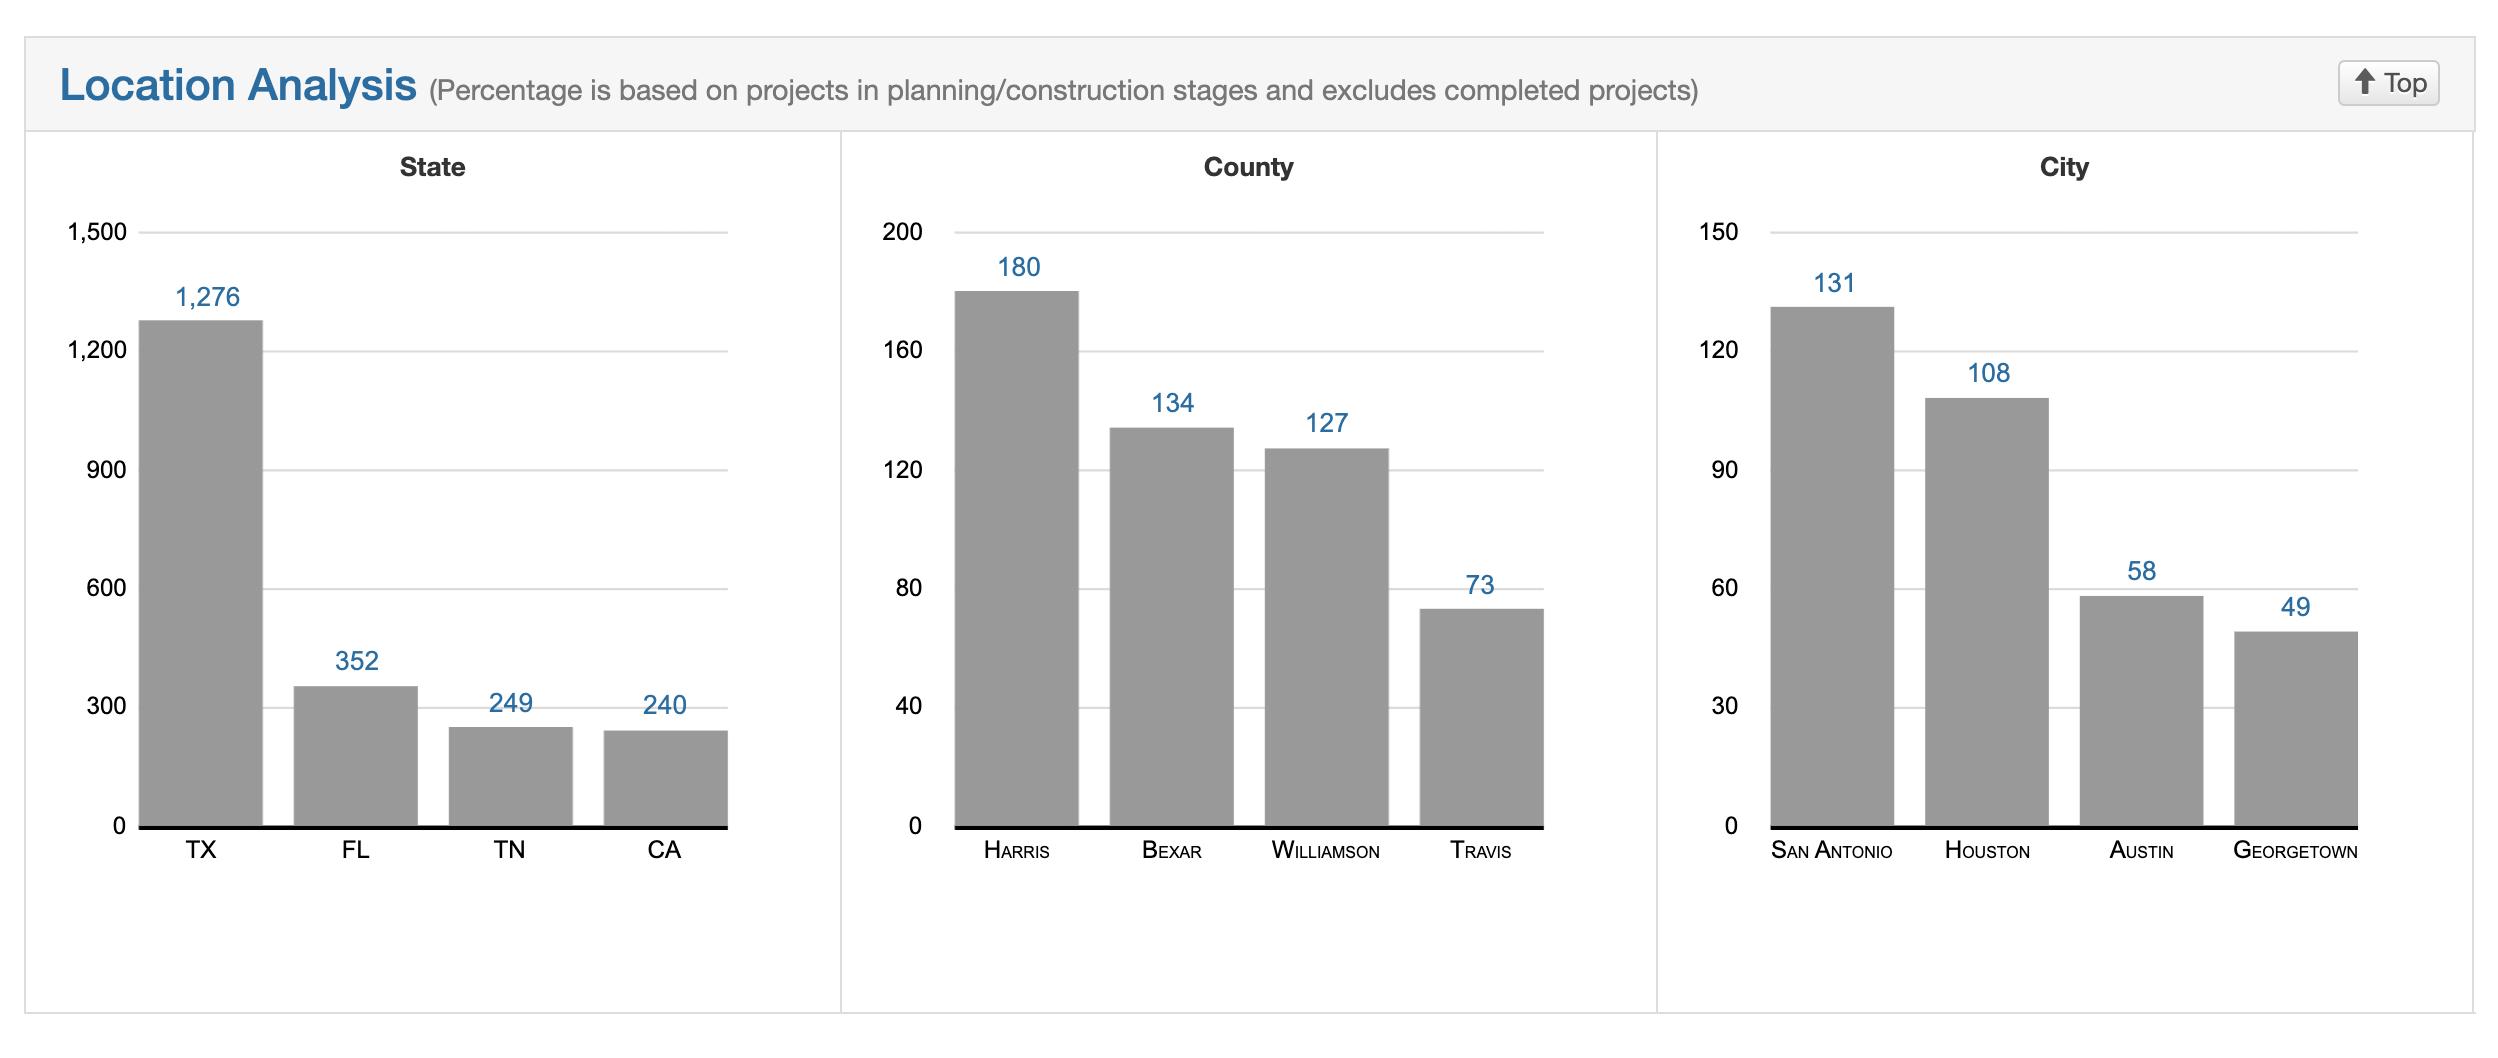 Leading single-family construction markets